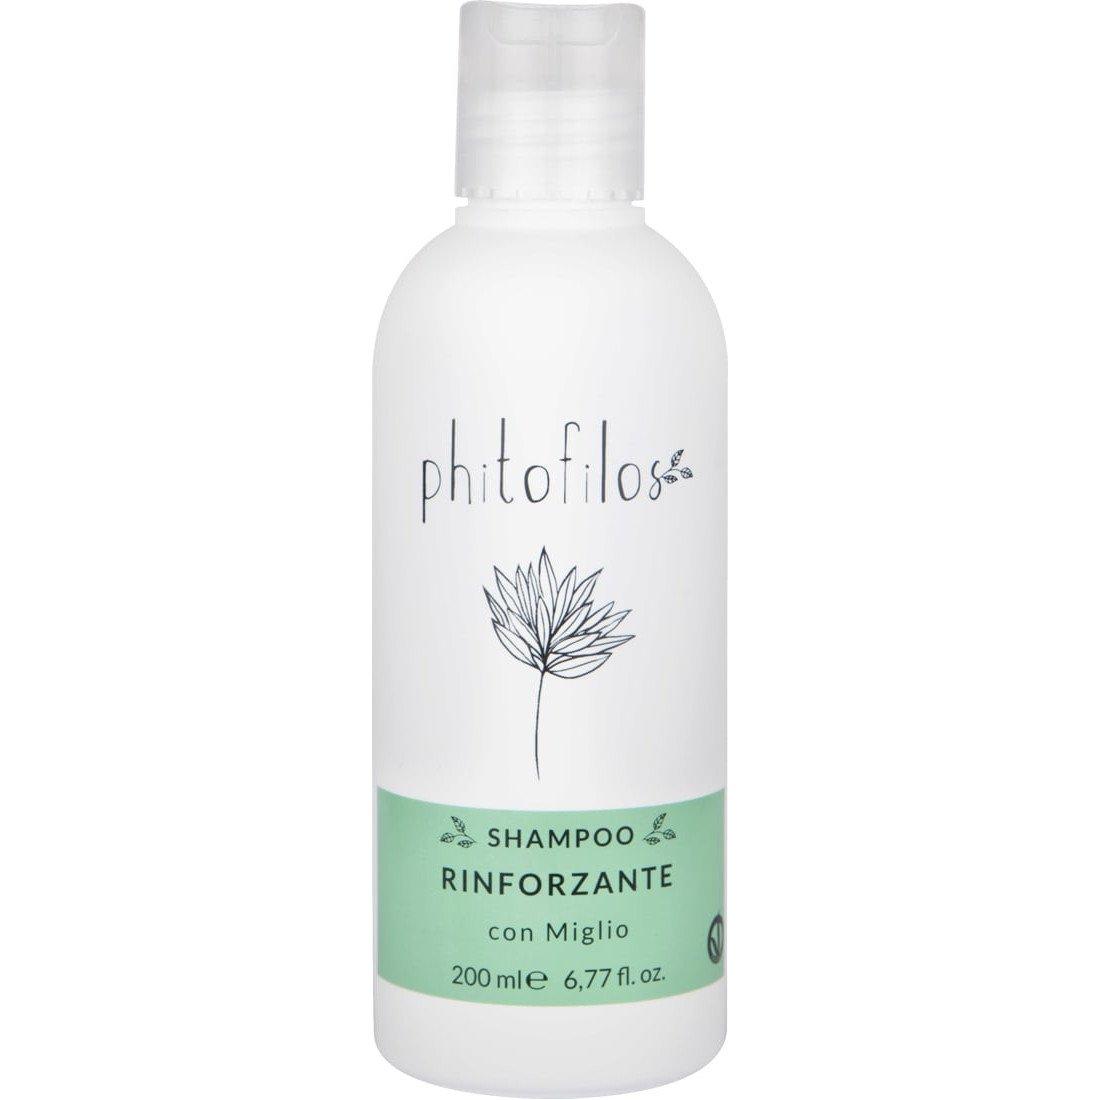 Shampoo Rinforzante con Miglio BioVegan